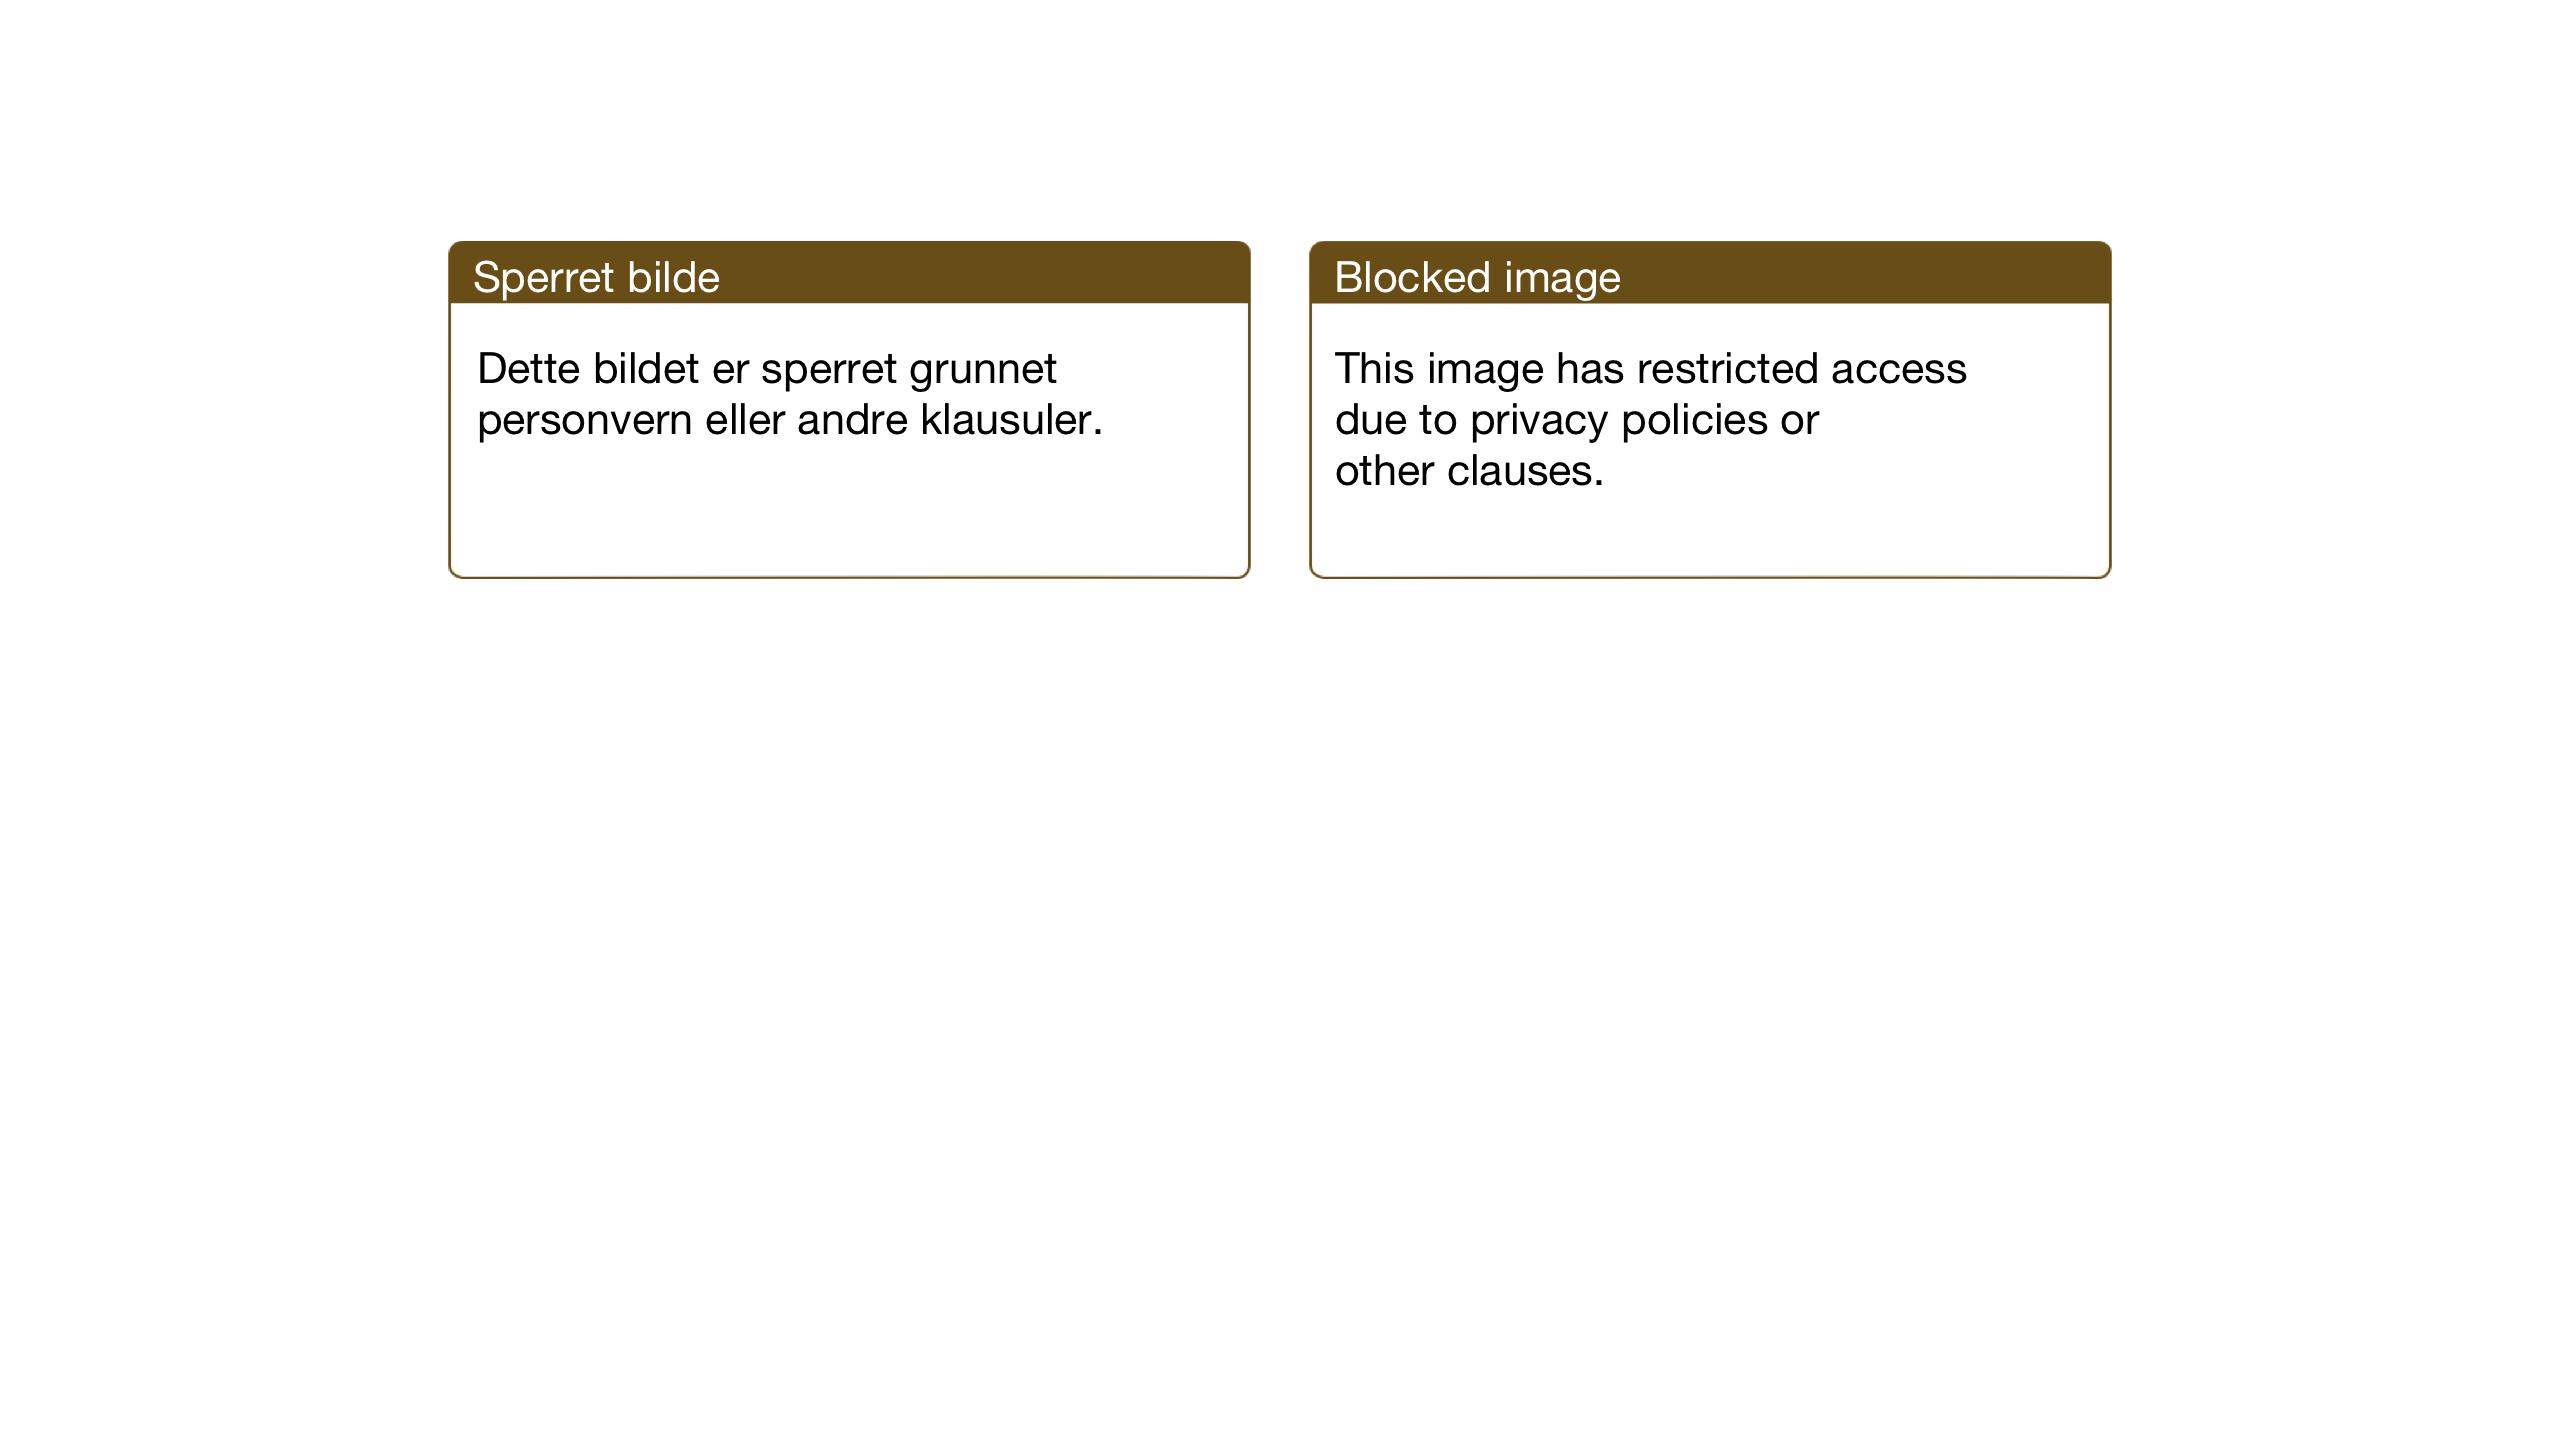 SAT, Ministerialprotokoller, klokkerbøker og fødselsregistre - Sør-Trøndelag, 605/L0264: Klokkerbok nr. 605C11, 1942-1949, s. 42